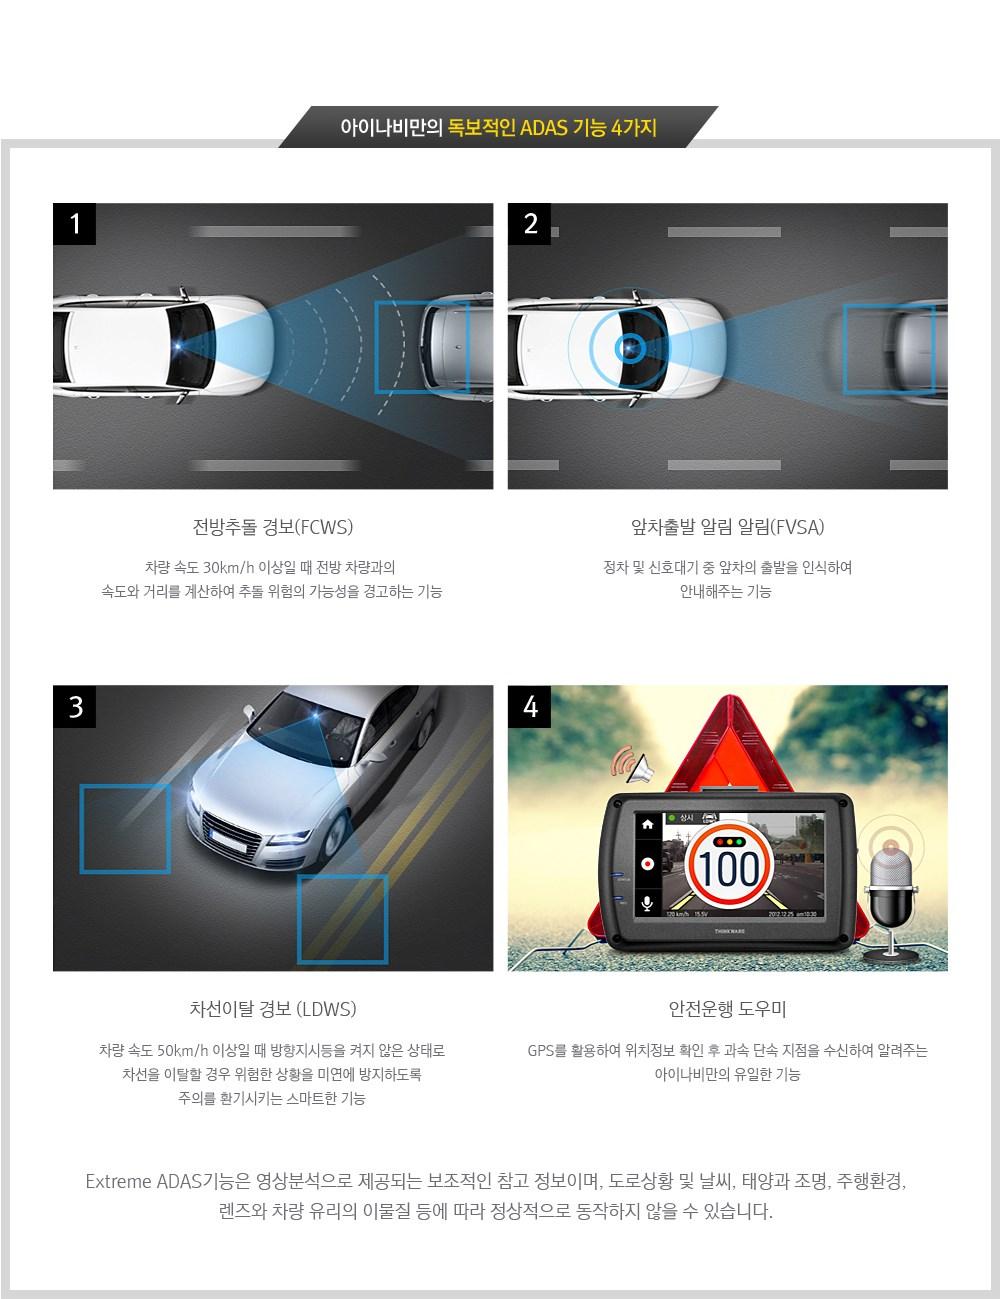 아이나비만의 첨단 운전자 지원 시스템 아이나비 EXTREME ADAS